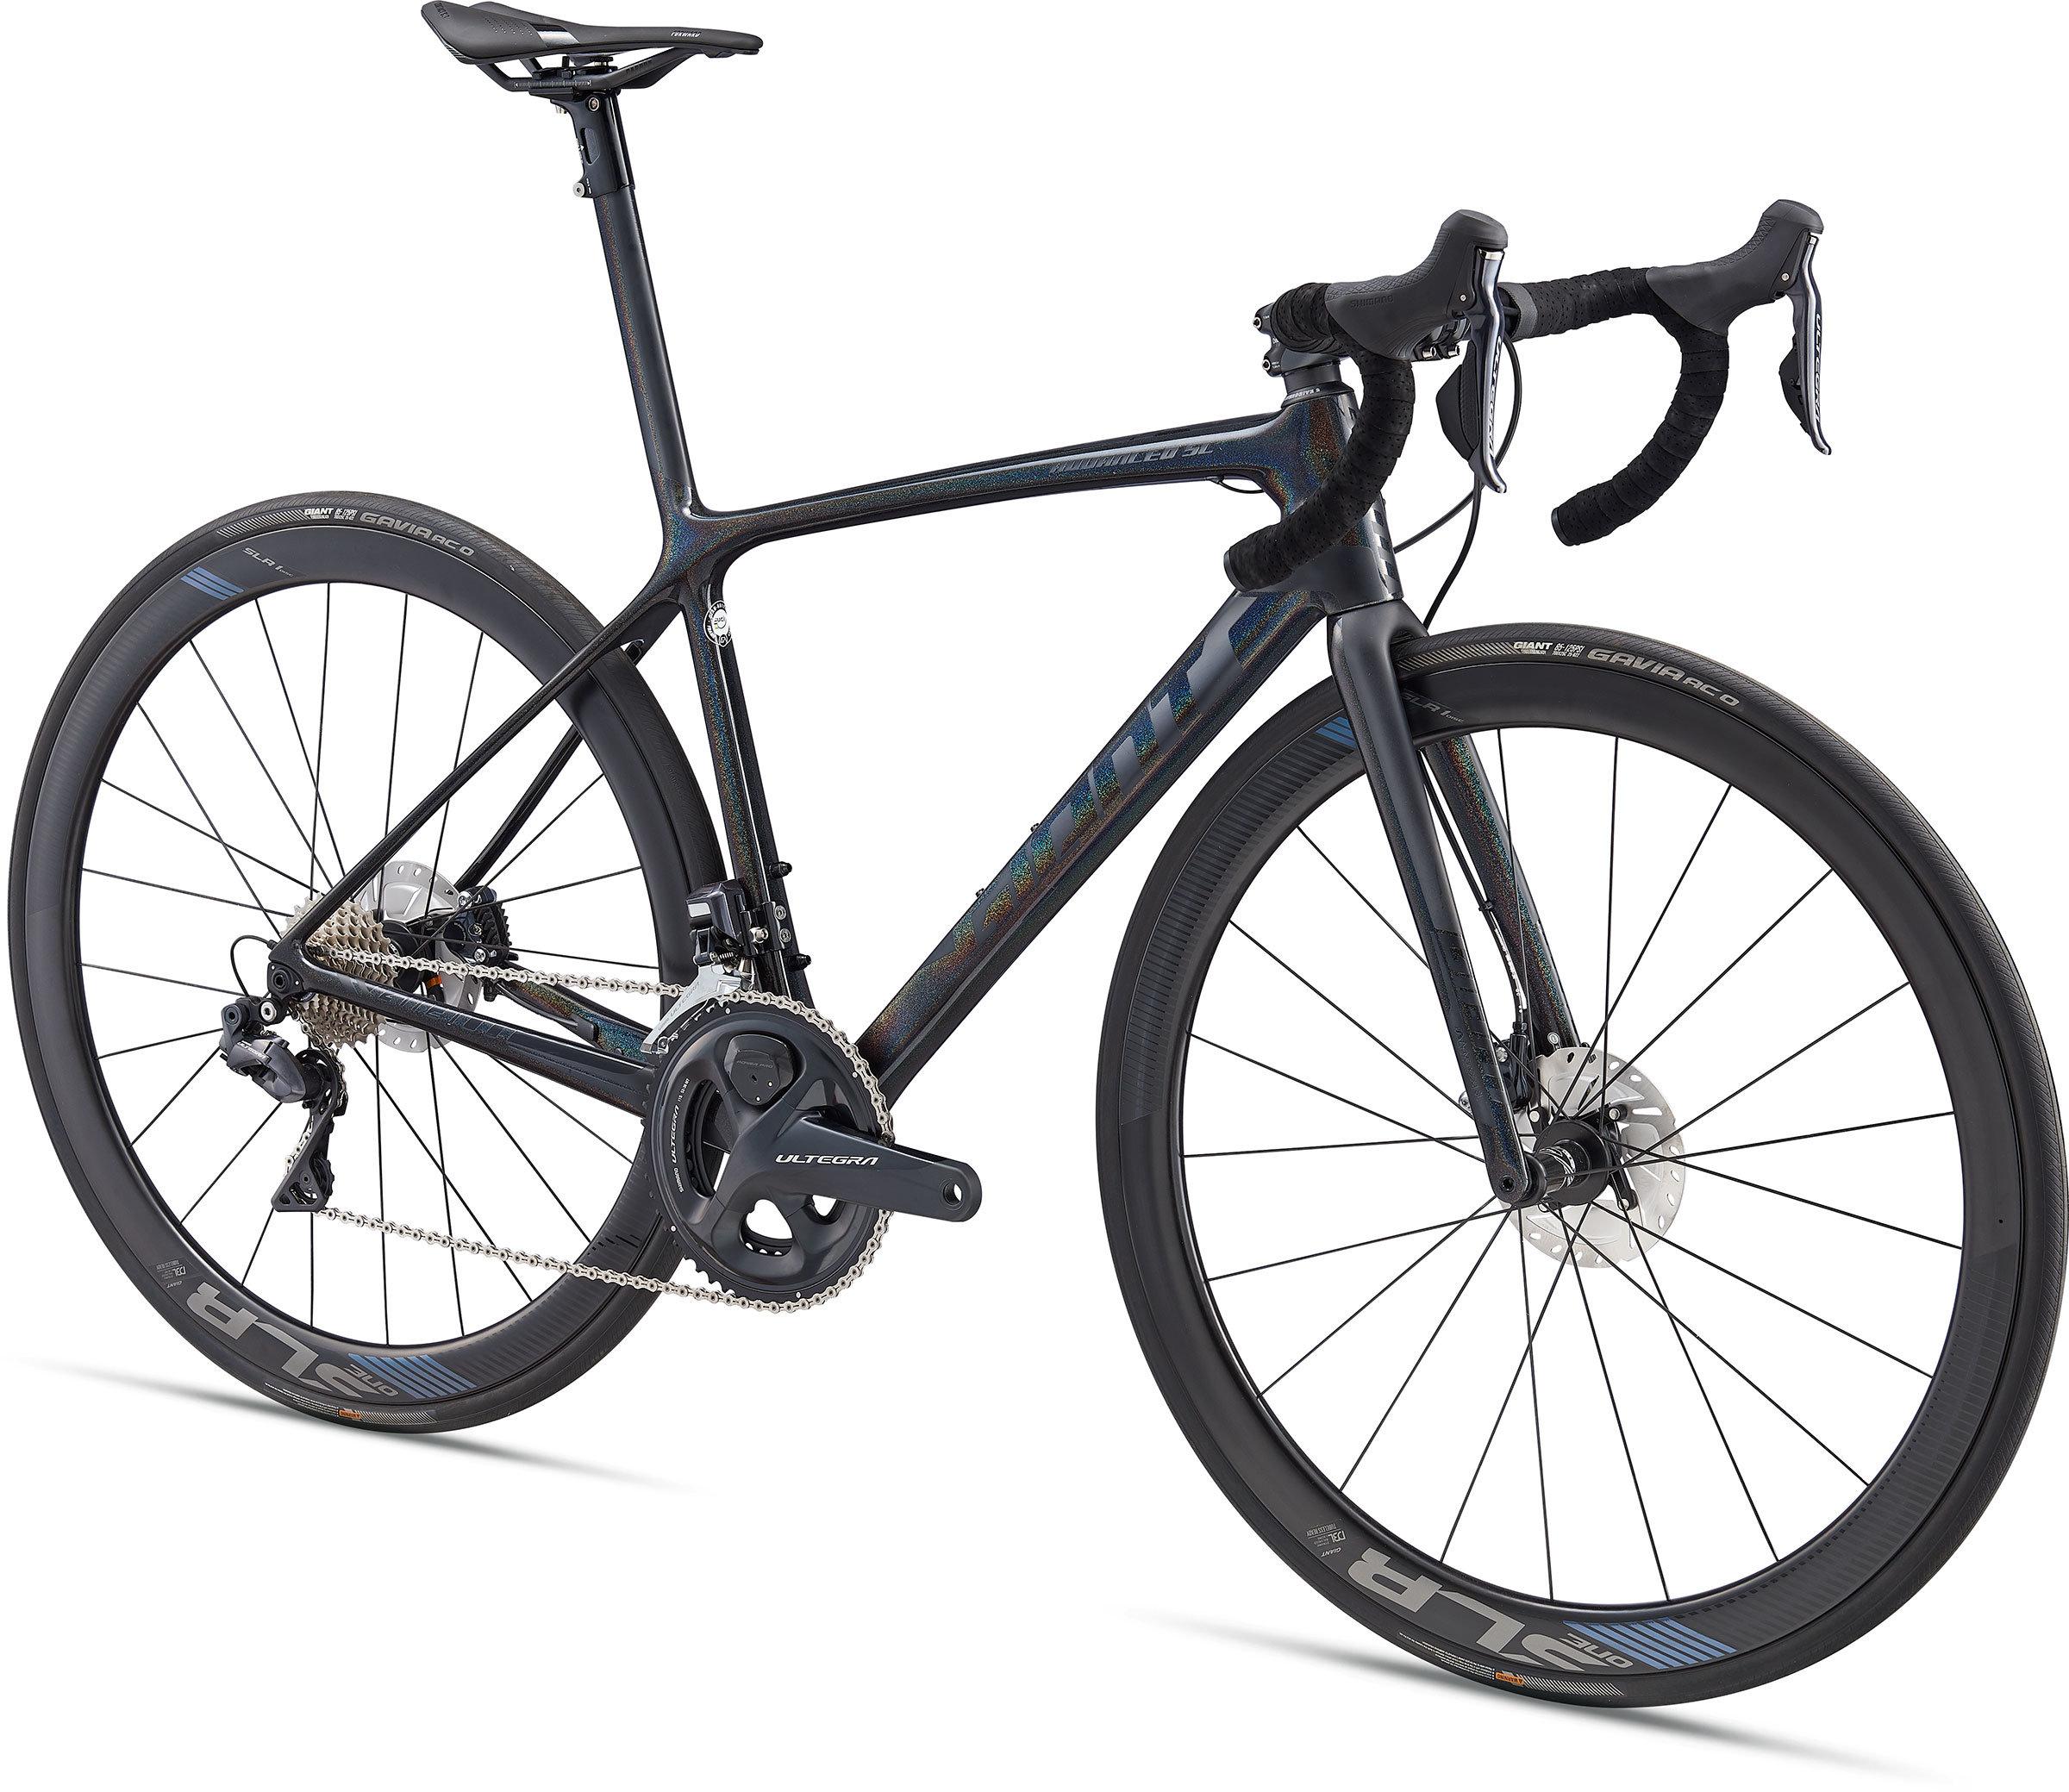 8f4069bbcf6 Giant TCR Advanced SL 1 Disc - Bike Shop   Full Cycle